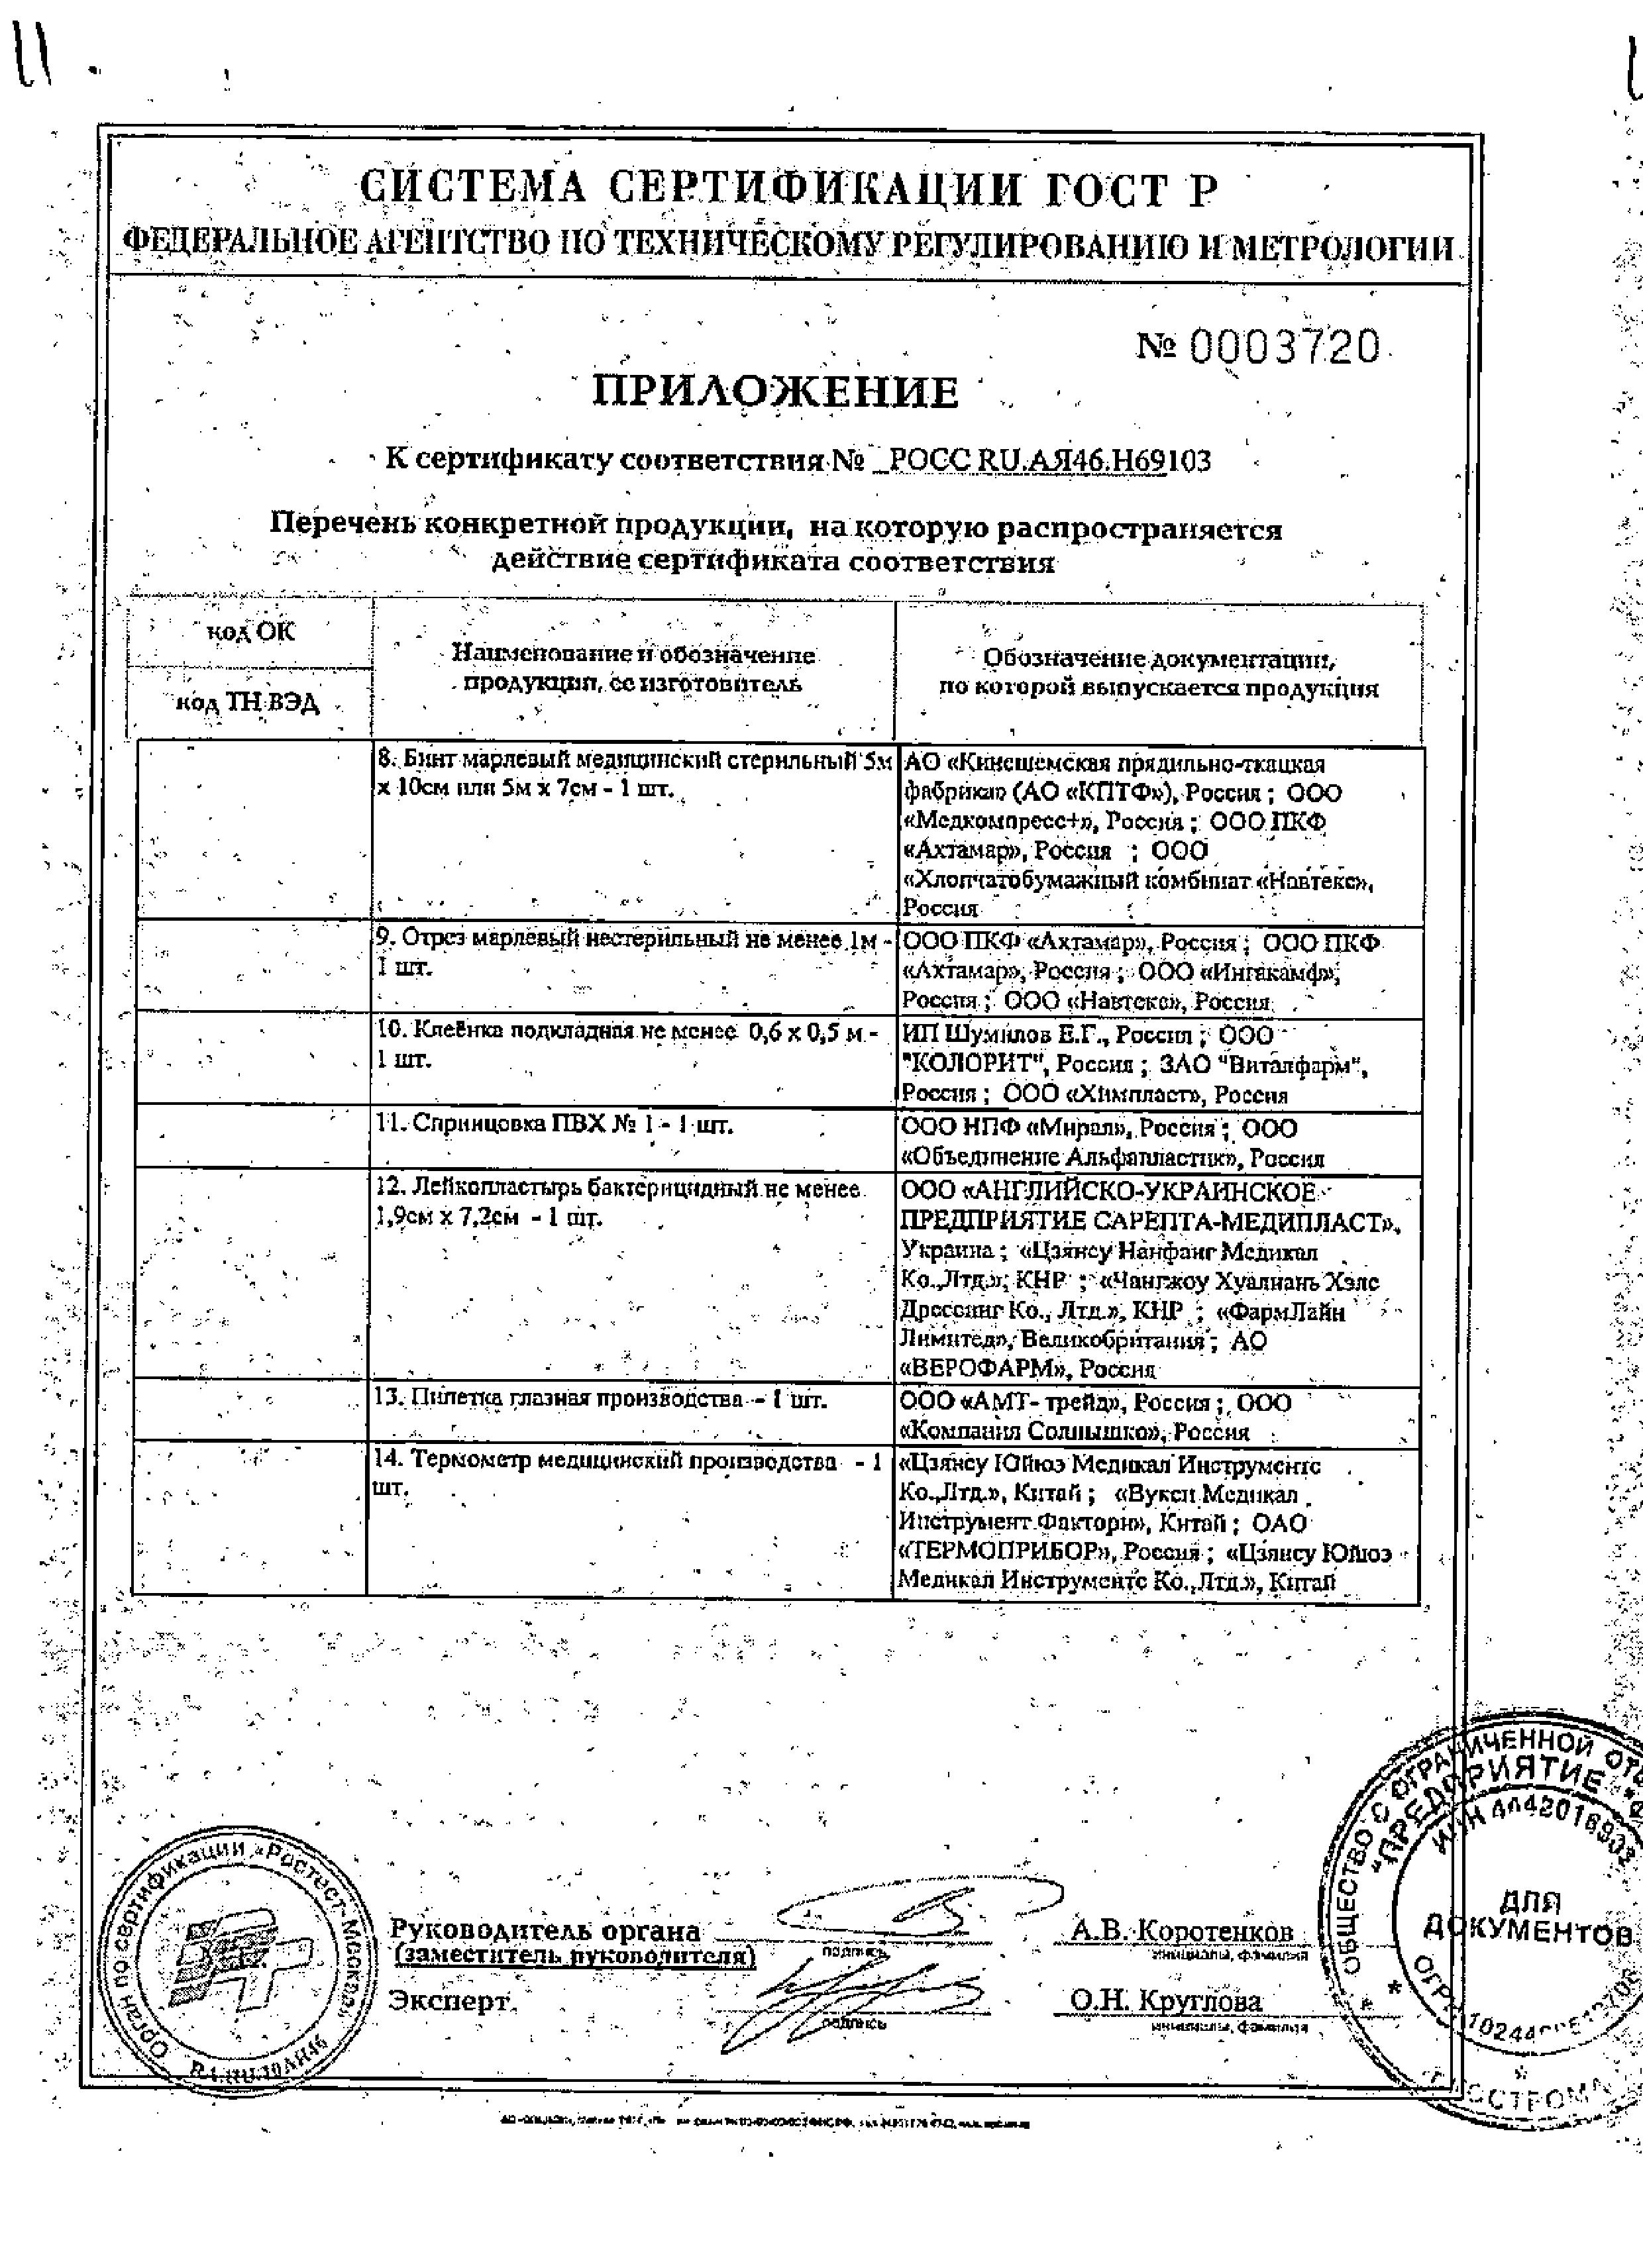 Аптечка матери и ребенка АМР-ФЭСТ сертификат